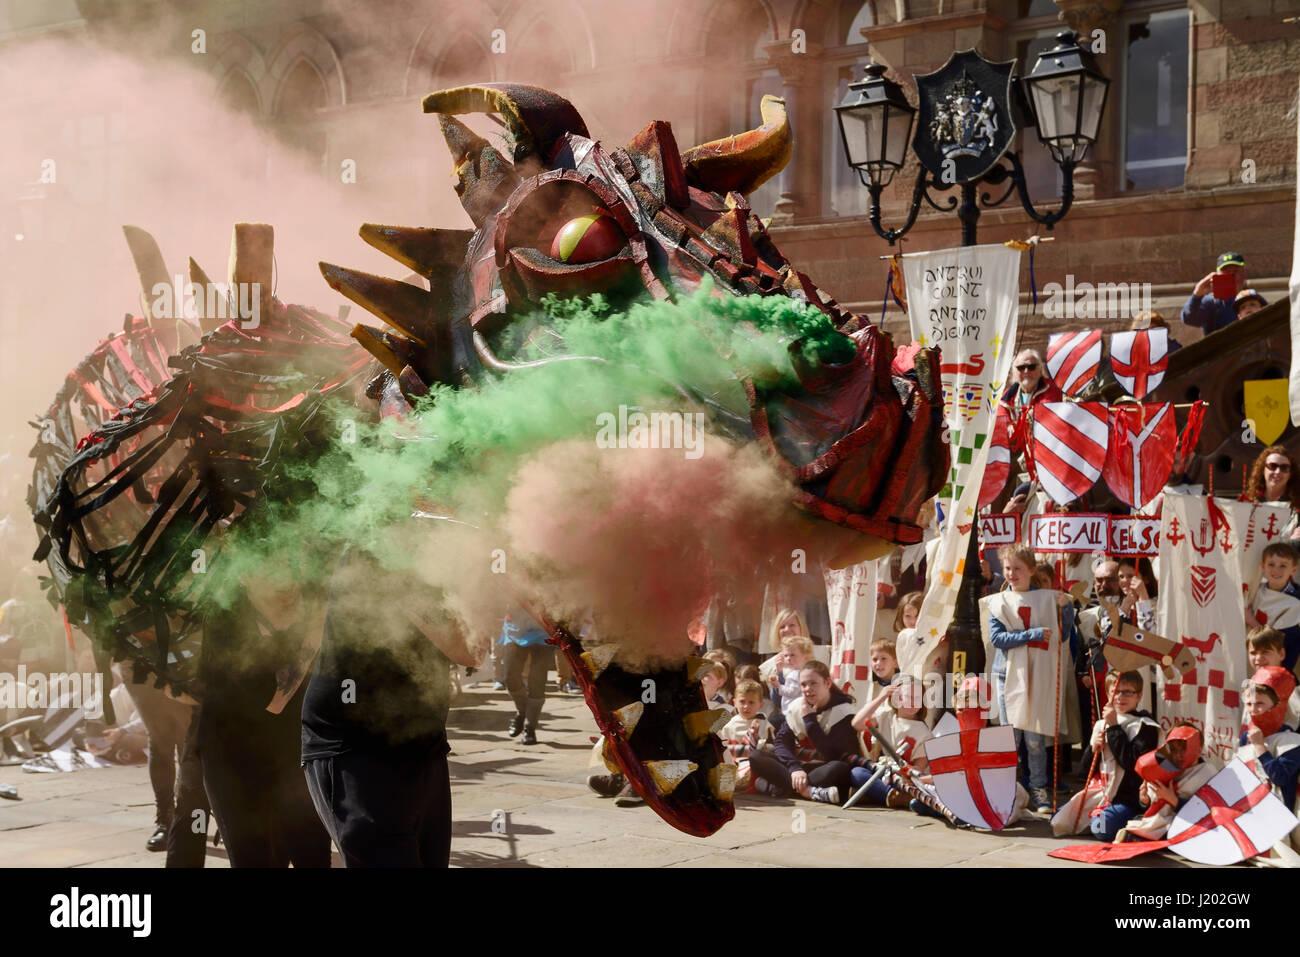 Chester, Royaume-Uni. 23 avril 2017. La respiration de la fumée d'un dragon fait une entrée dans le Photo Stock